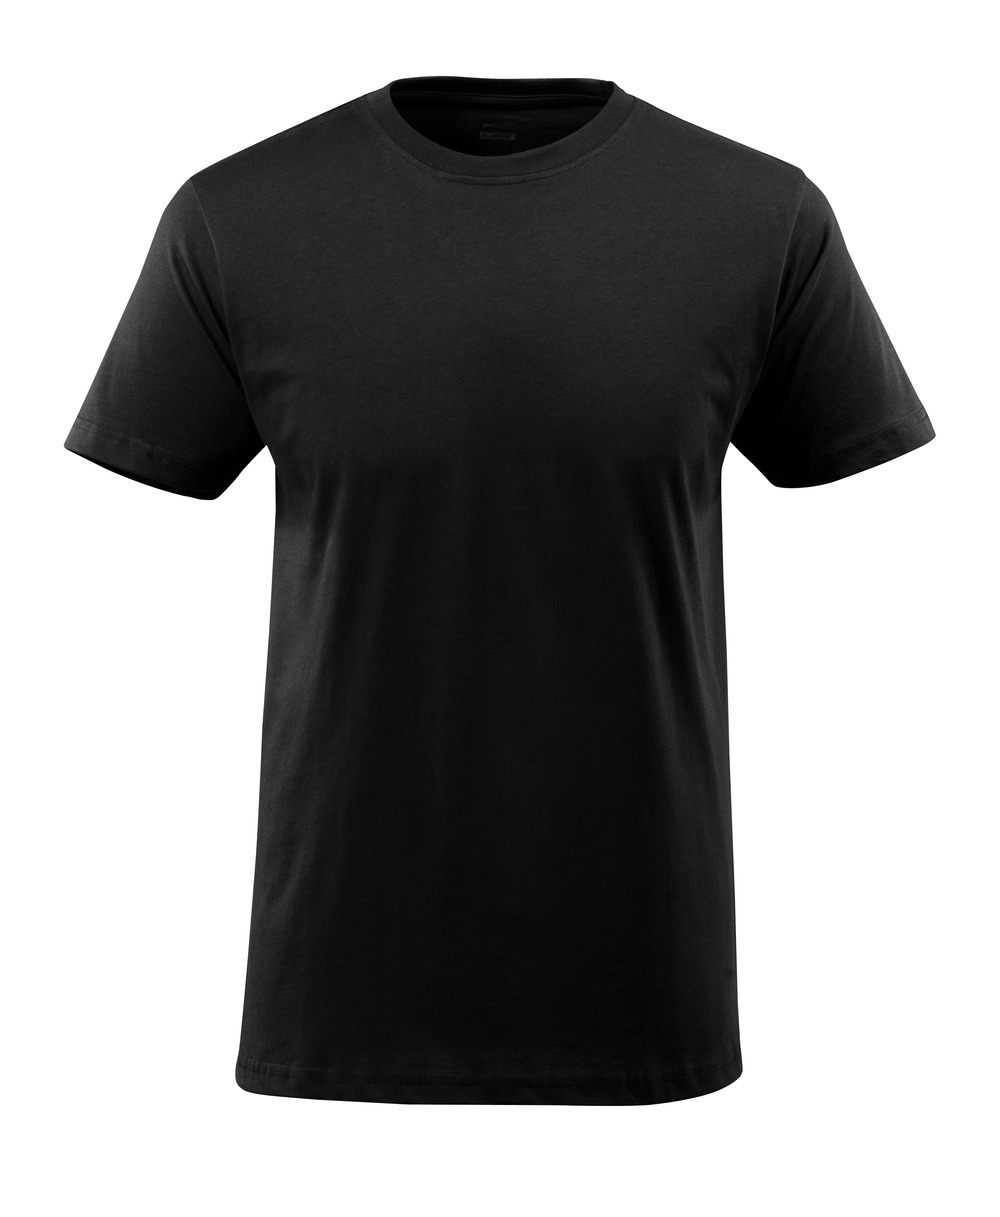 51579-965-90 T-Shirt - Schwarz